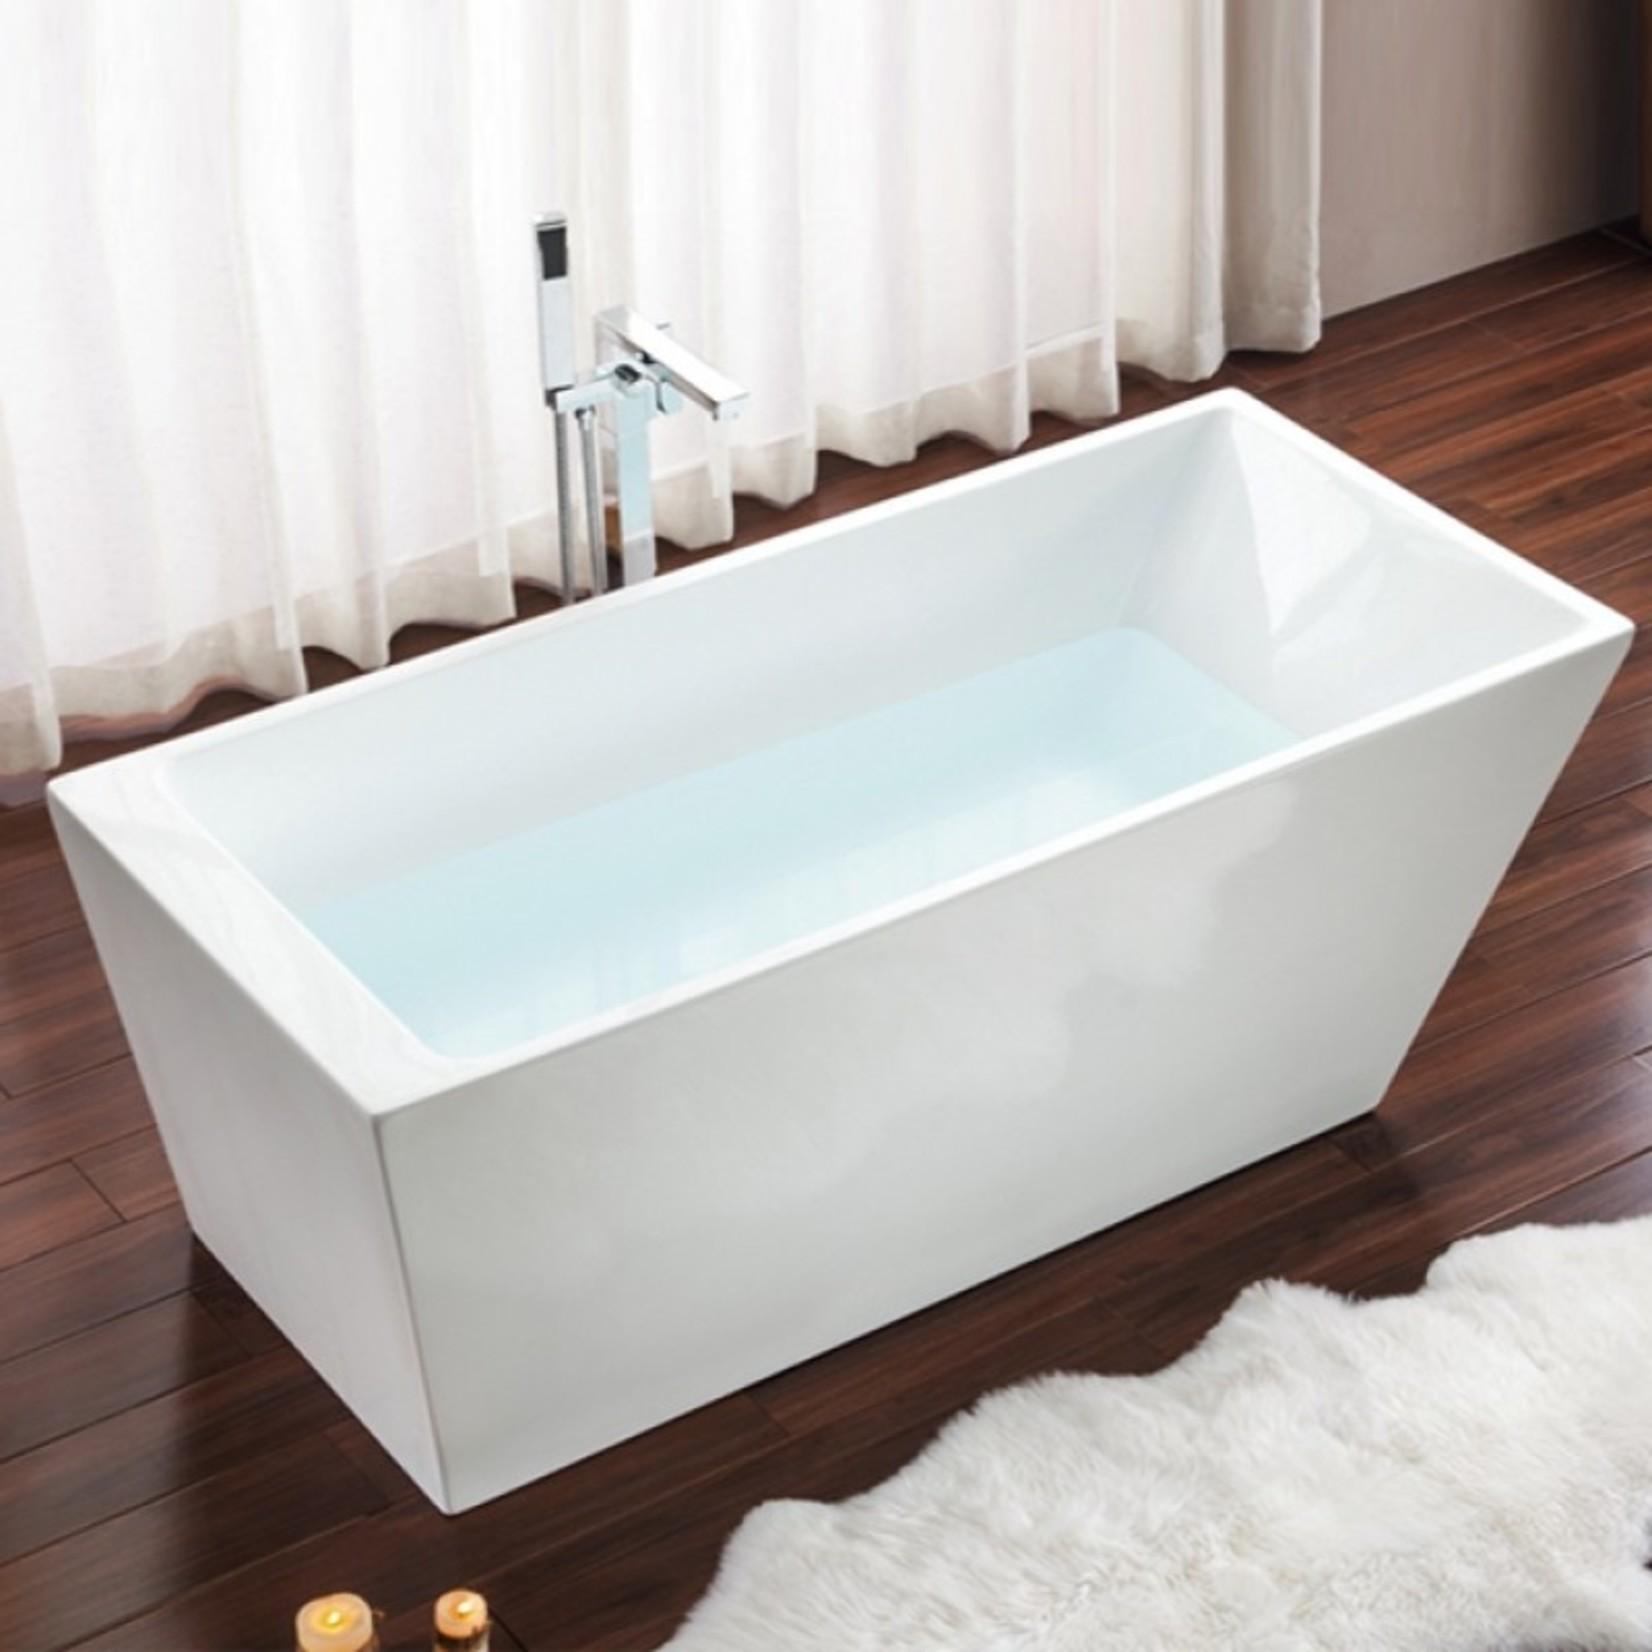 Freestanding Tub Sophia